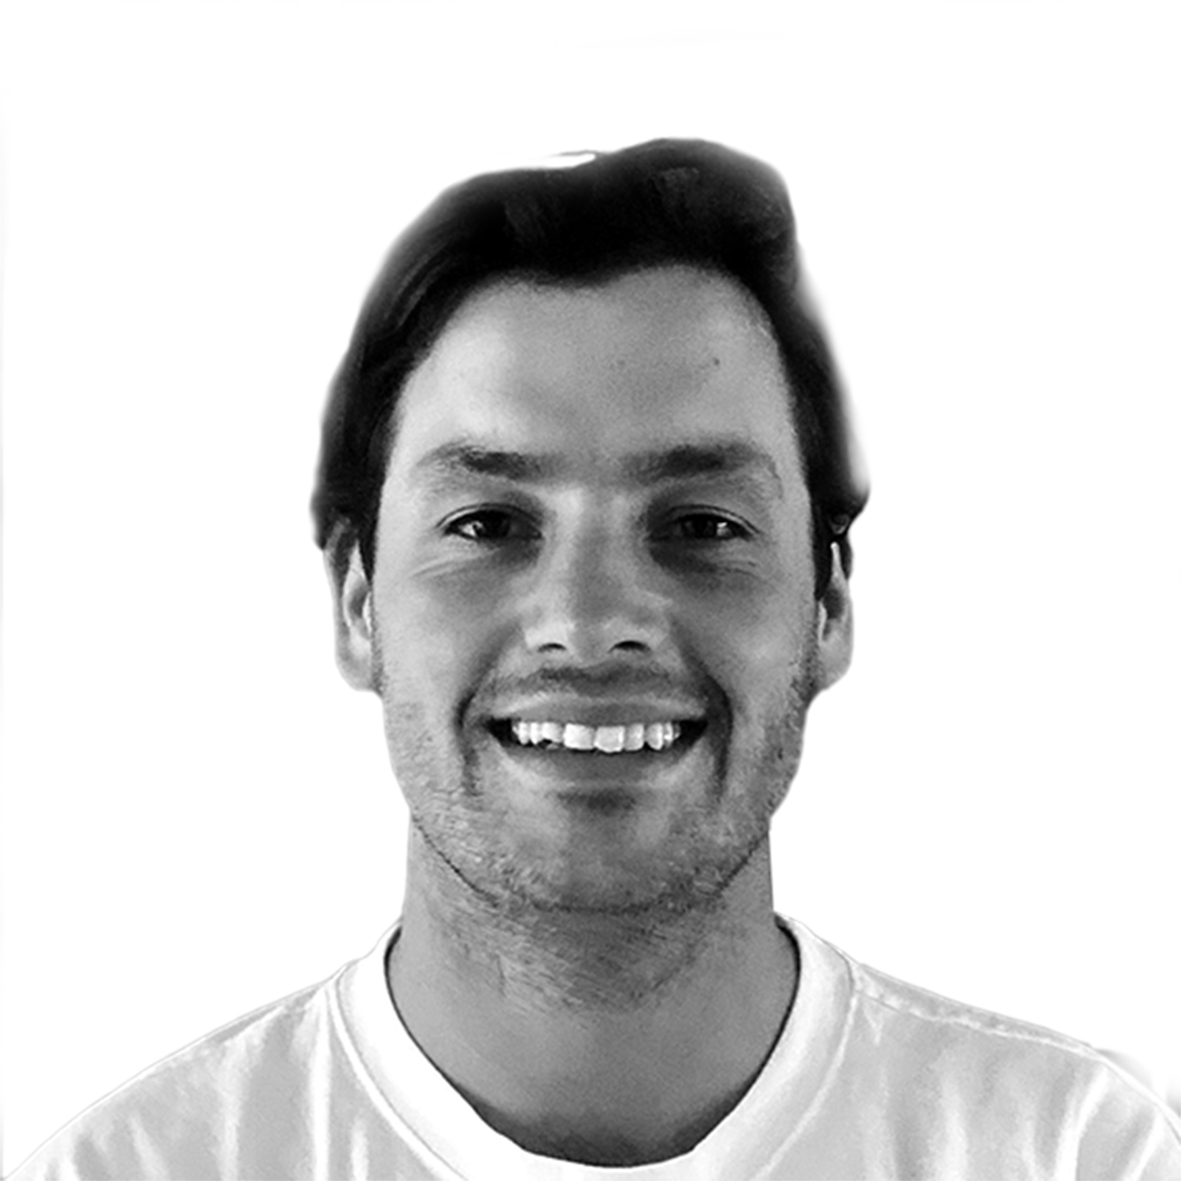 Felix Dröge